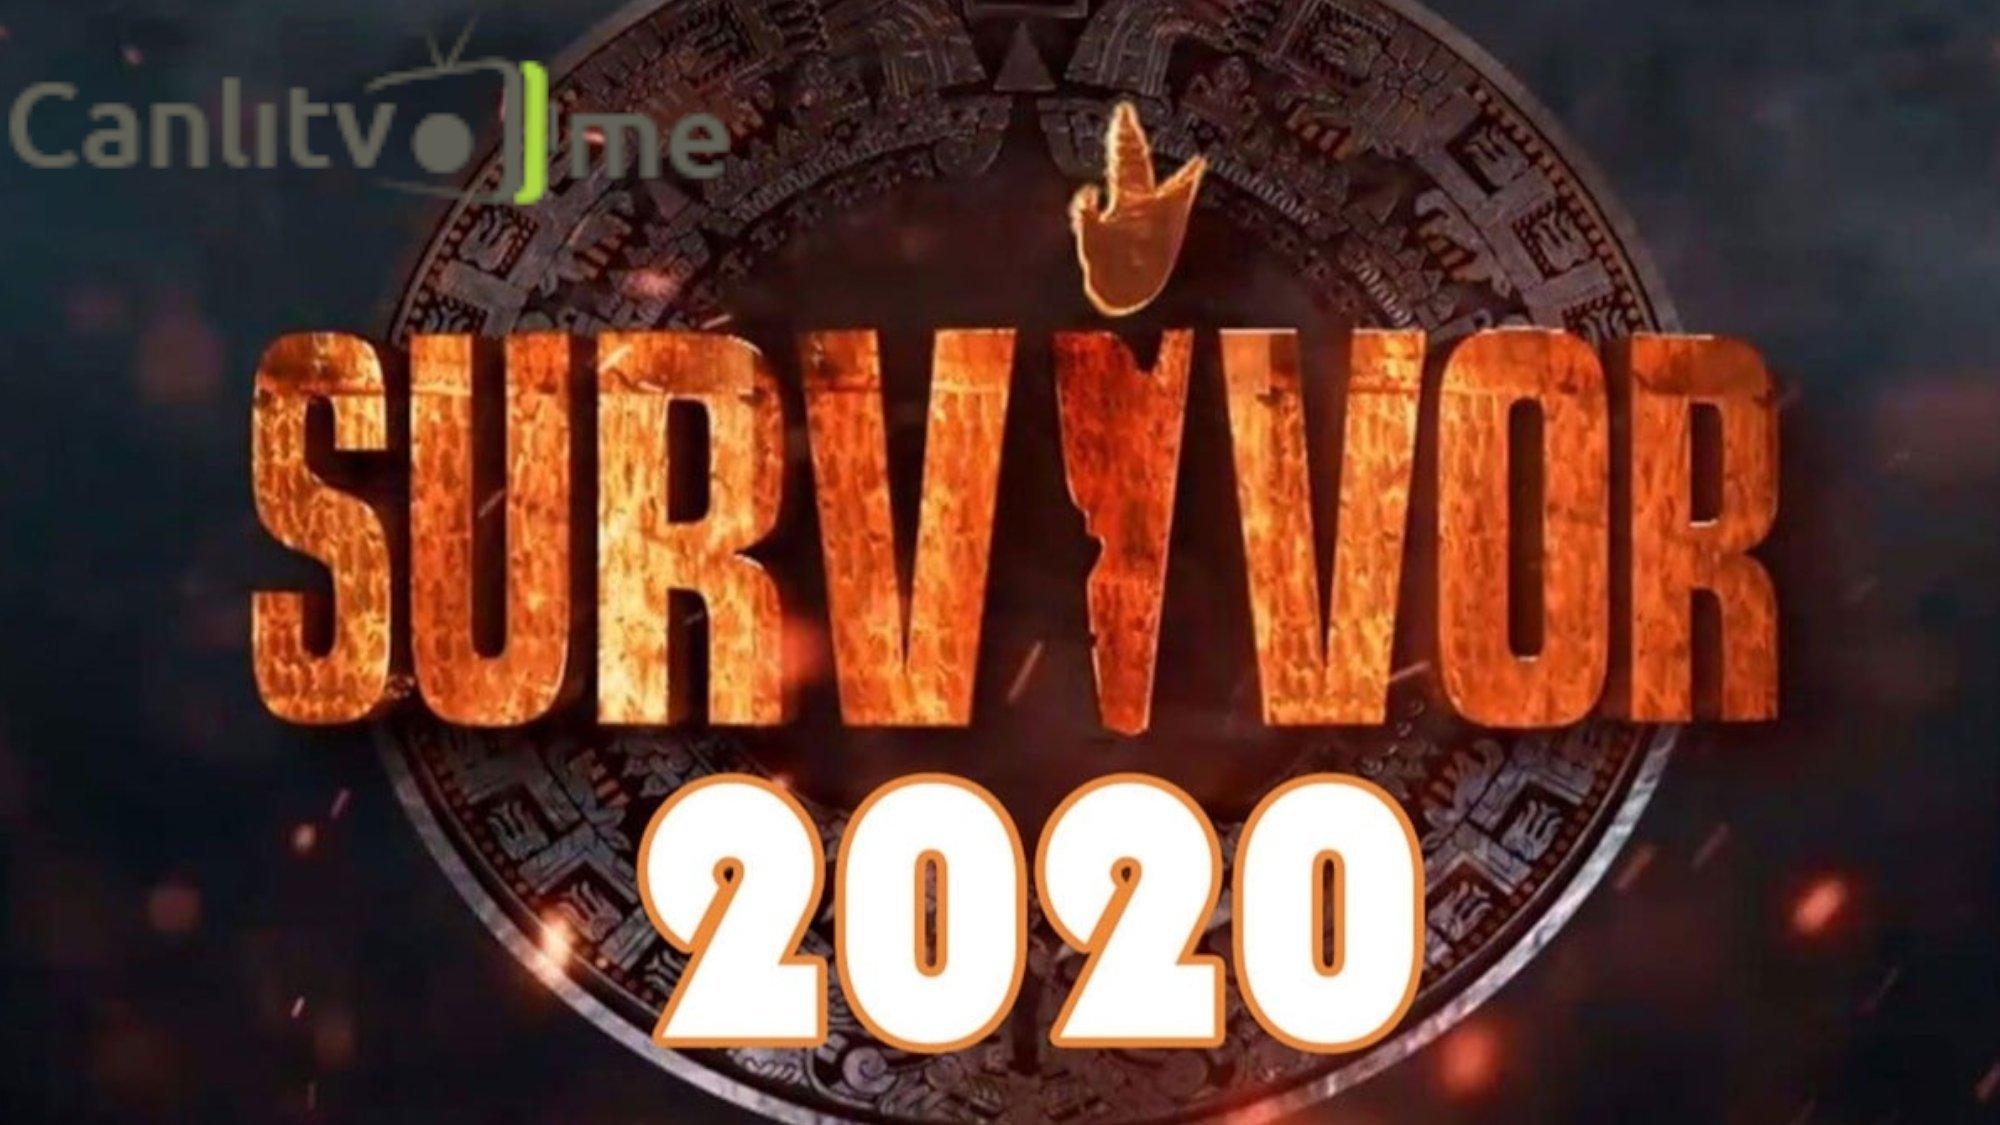 Survivor 2020 26. Bölüm Ne Zaman Yayınlanacak? Survivor 2020 26. Bölüm Canlı İzle!